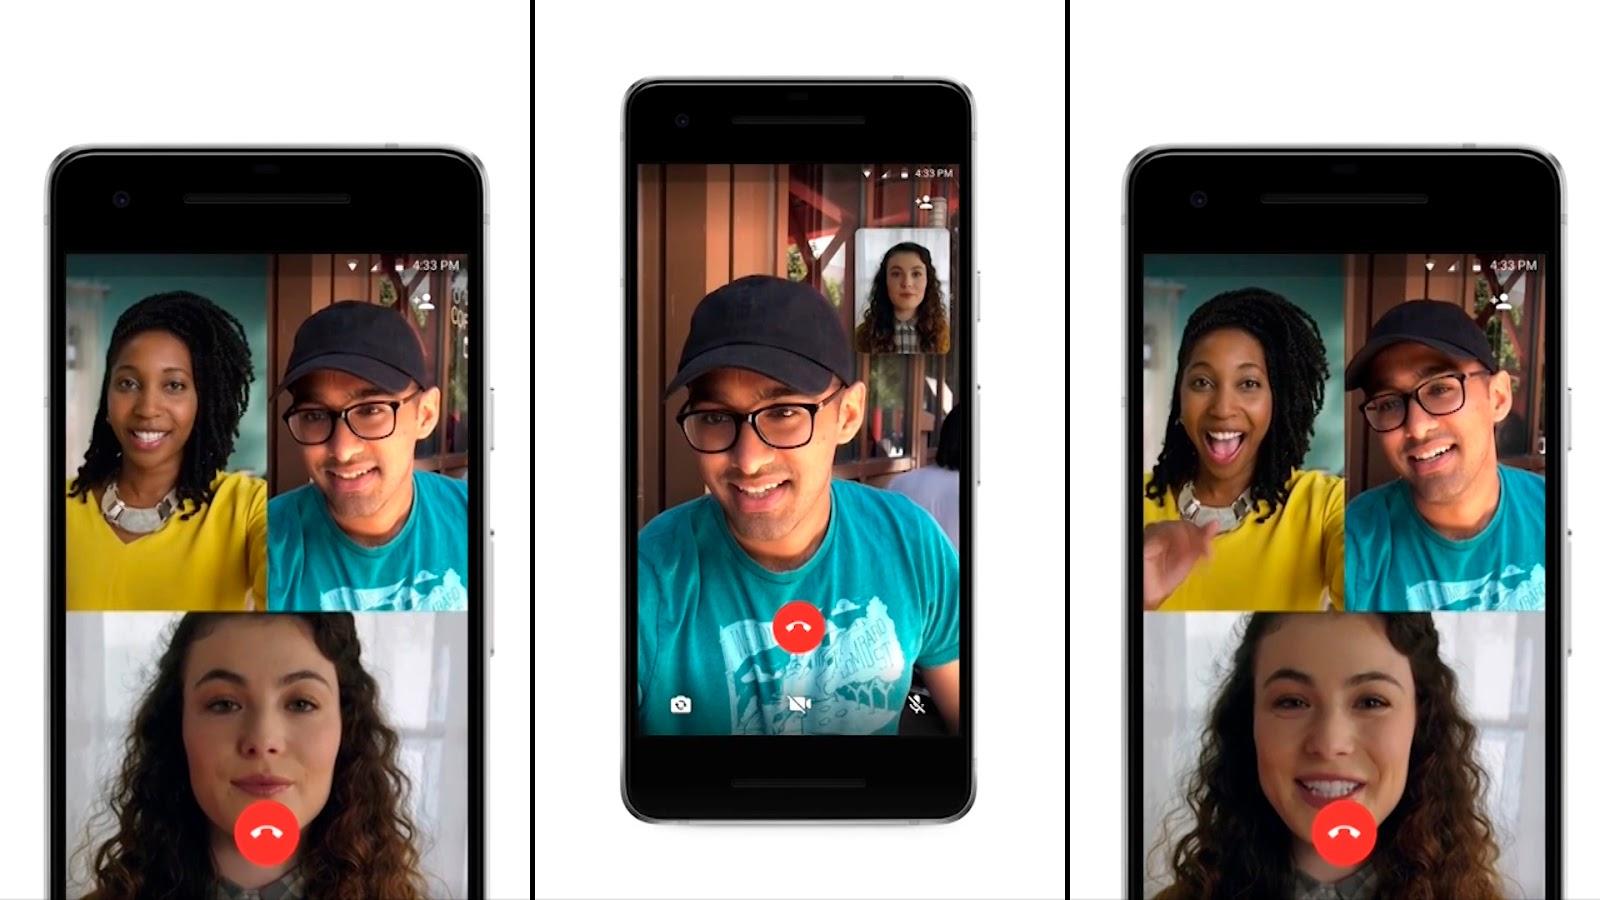 Ante el avance de Zoom, ahora Whatsapp permite videollamadas con 8 personas